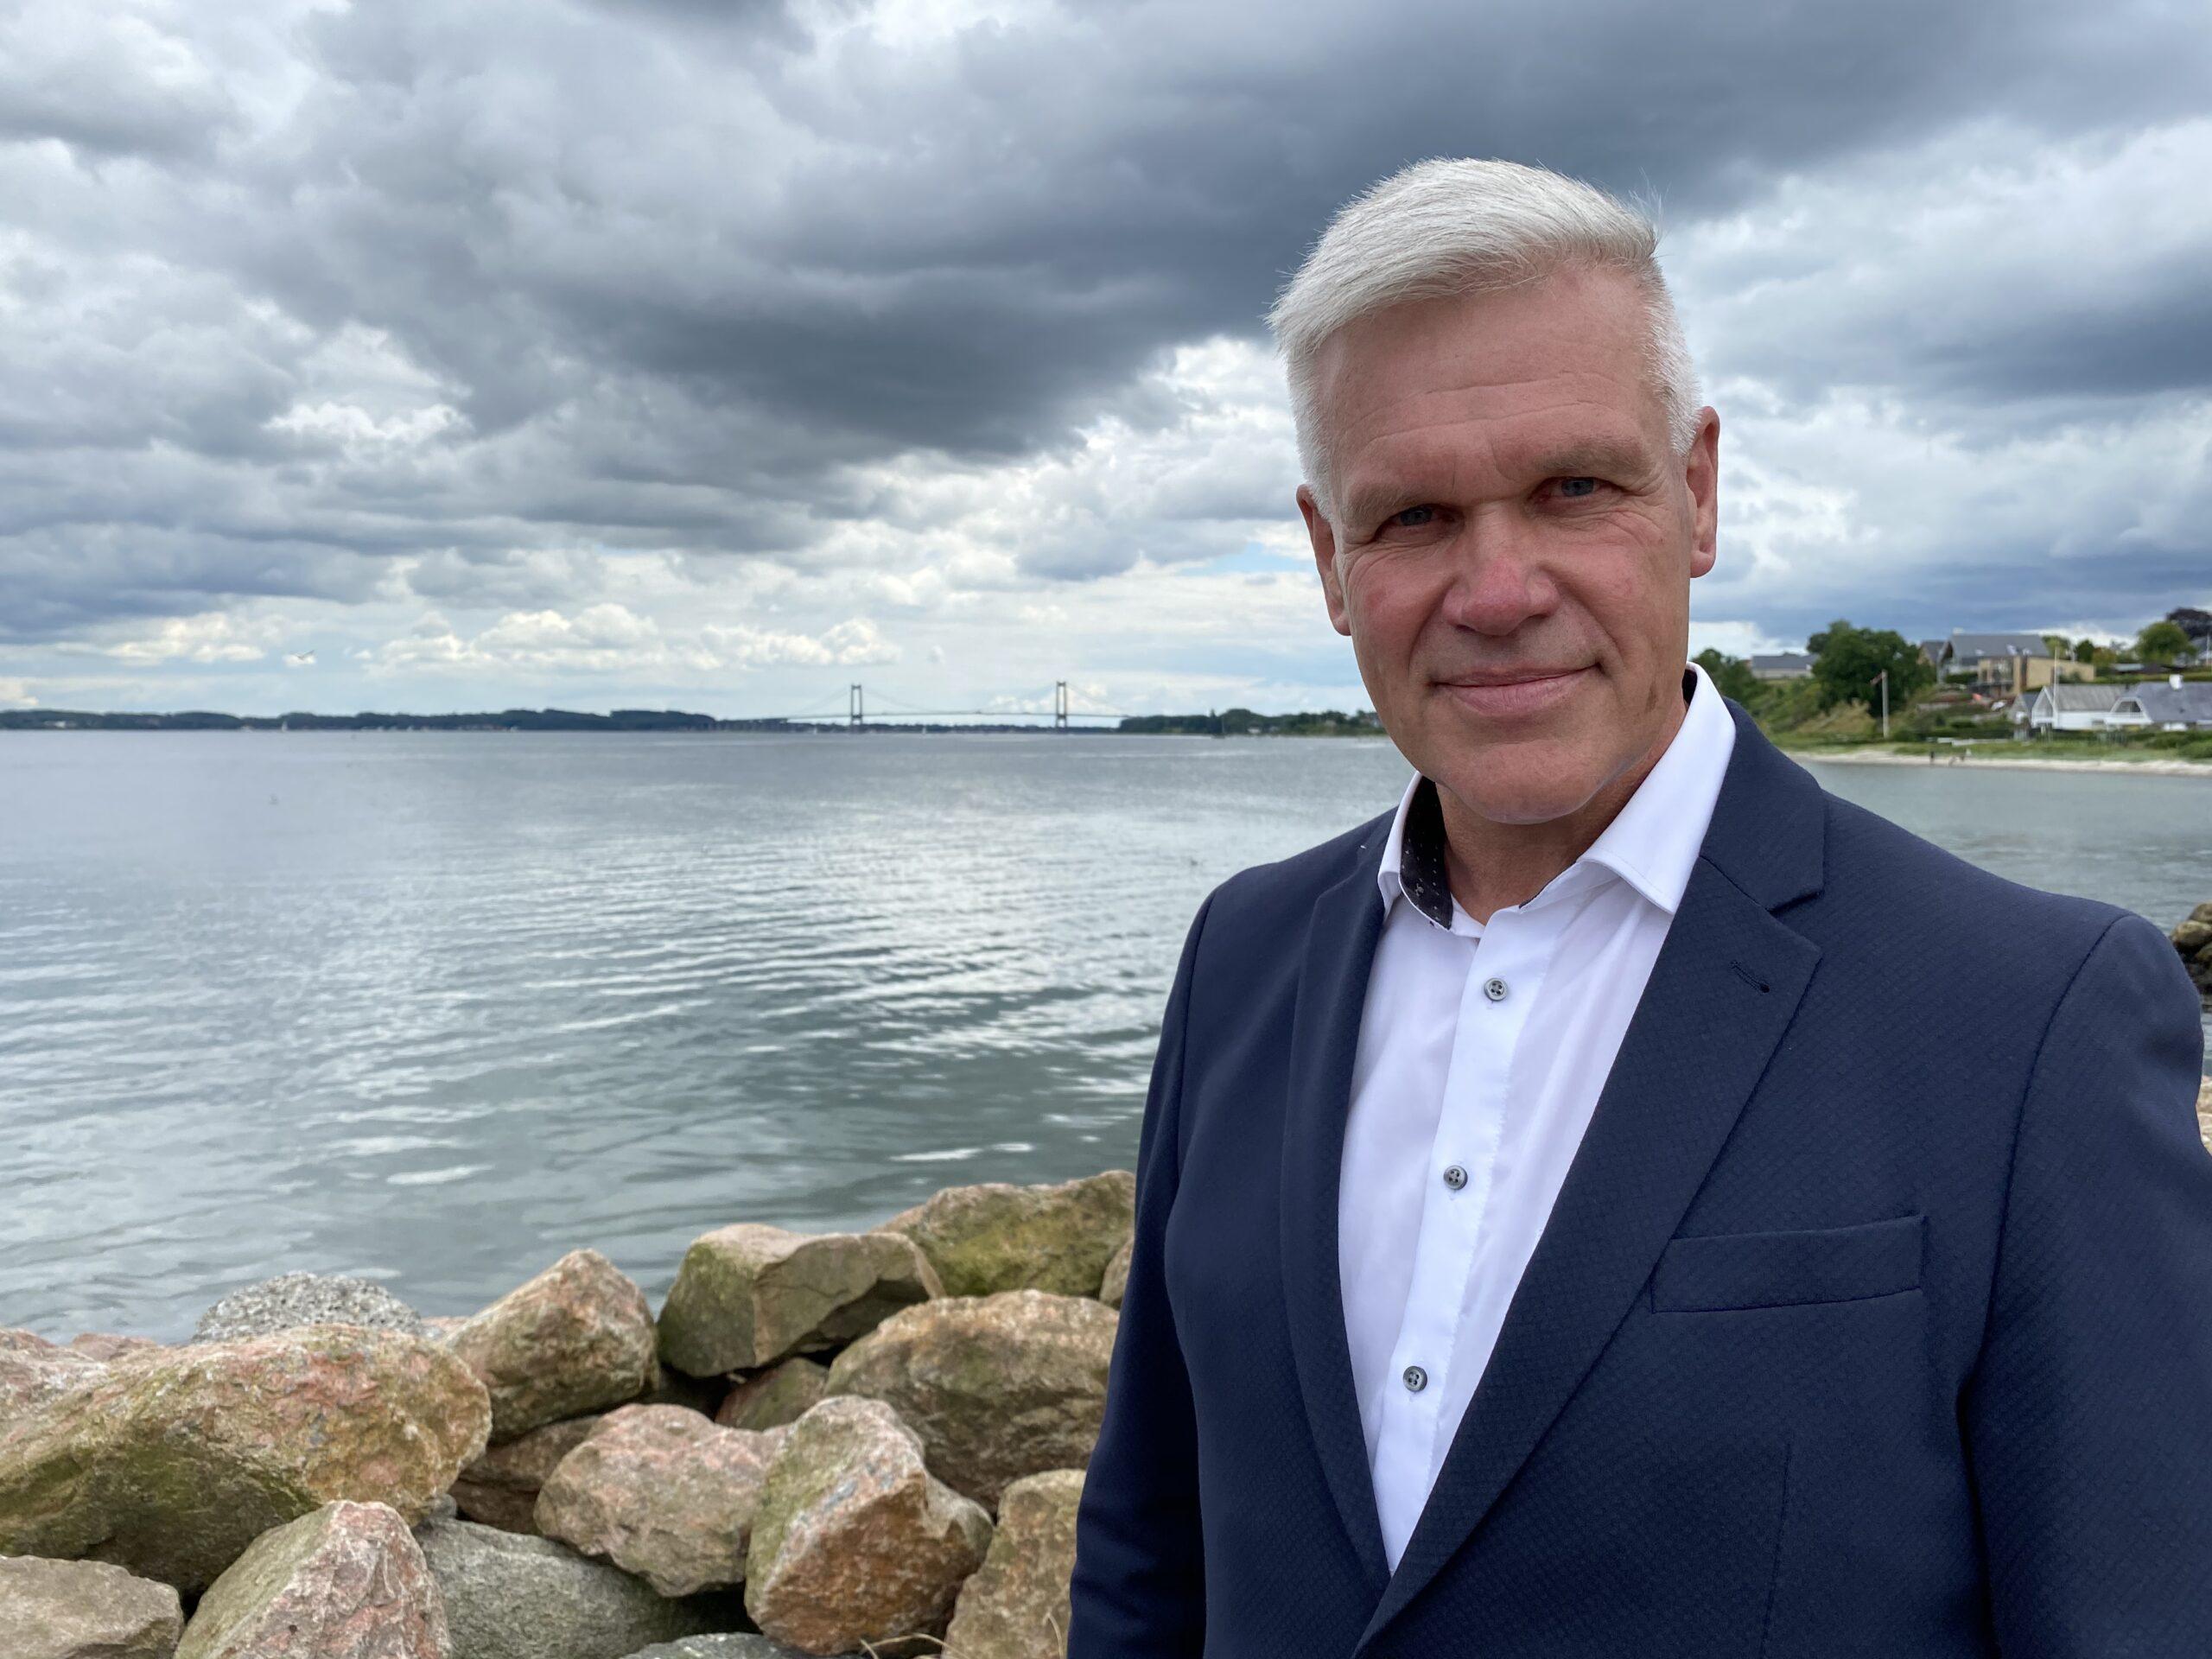 Nye Borgerlige siger nej tak til en ny Lillebæltsbro hen over hovederne på borgerne i Middelfart og Fredericia